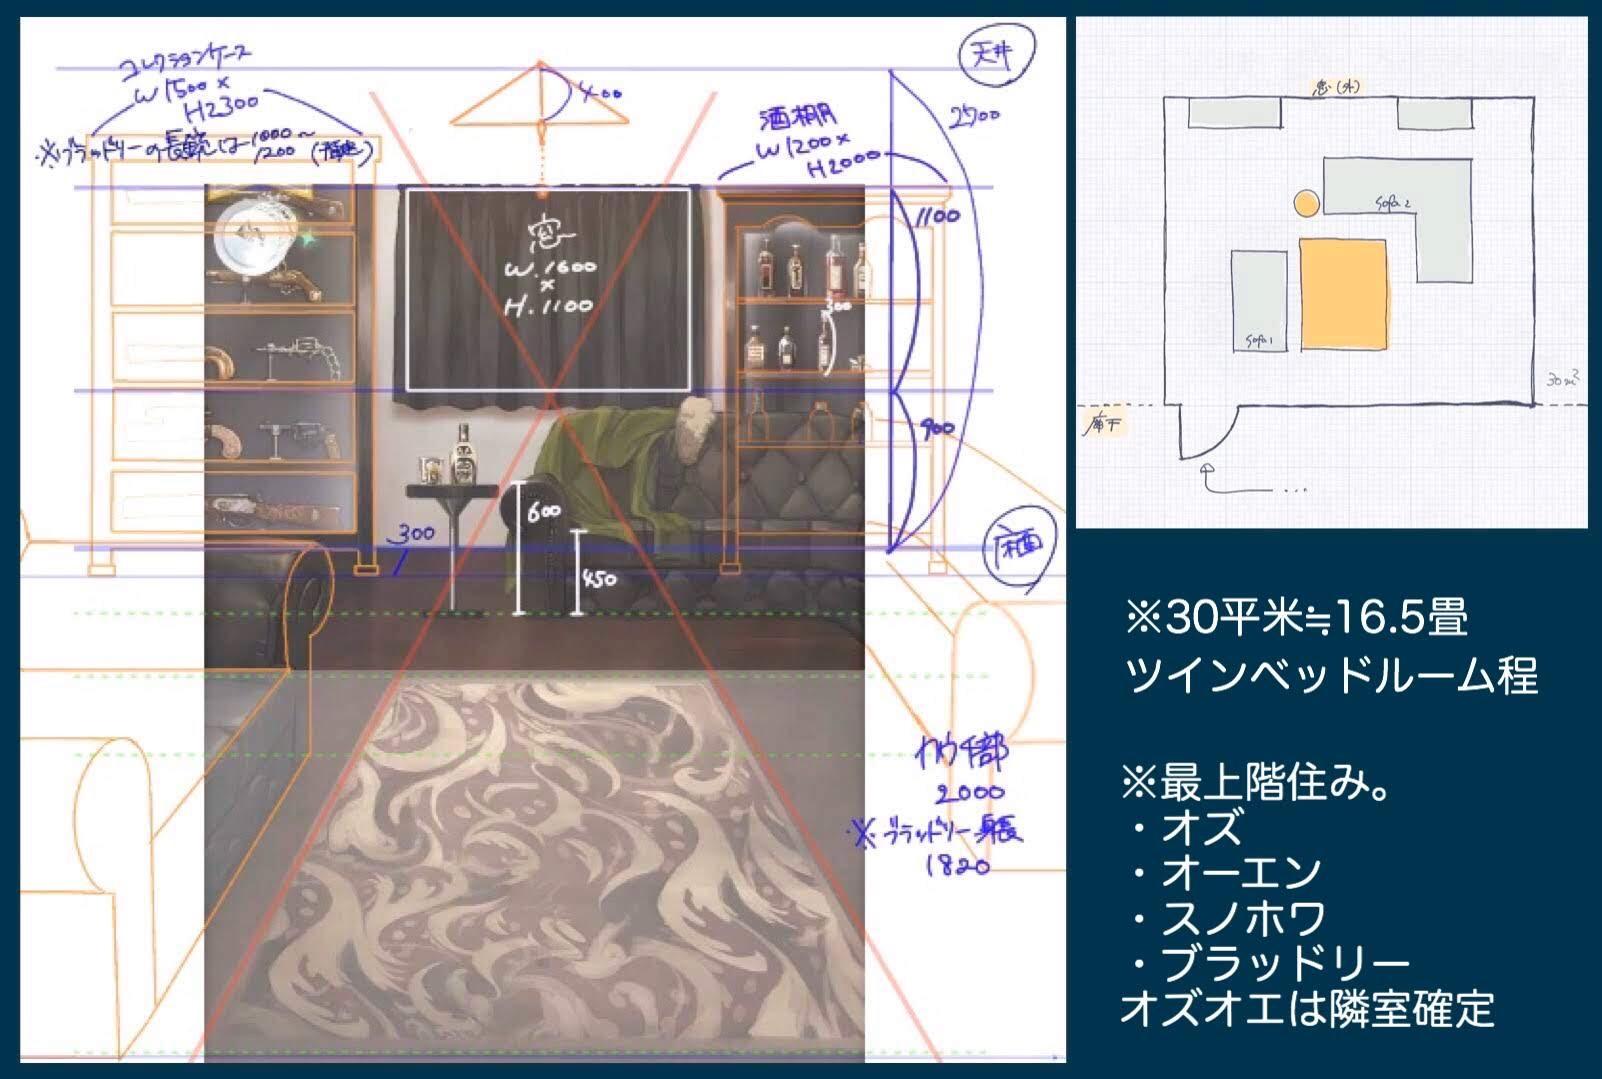 f:id:taira005:20200523234112j:image